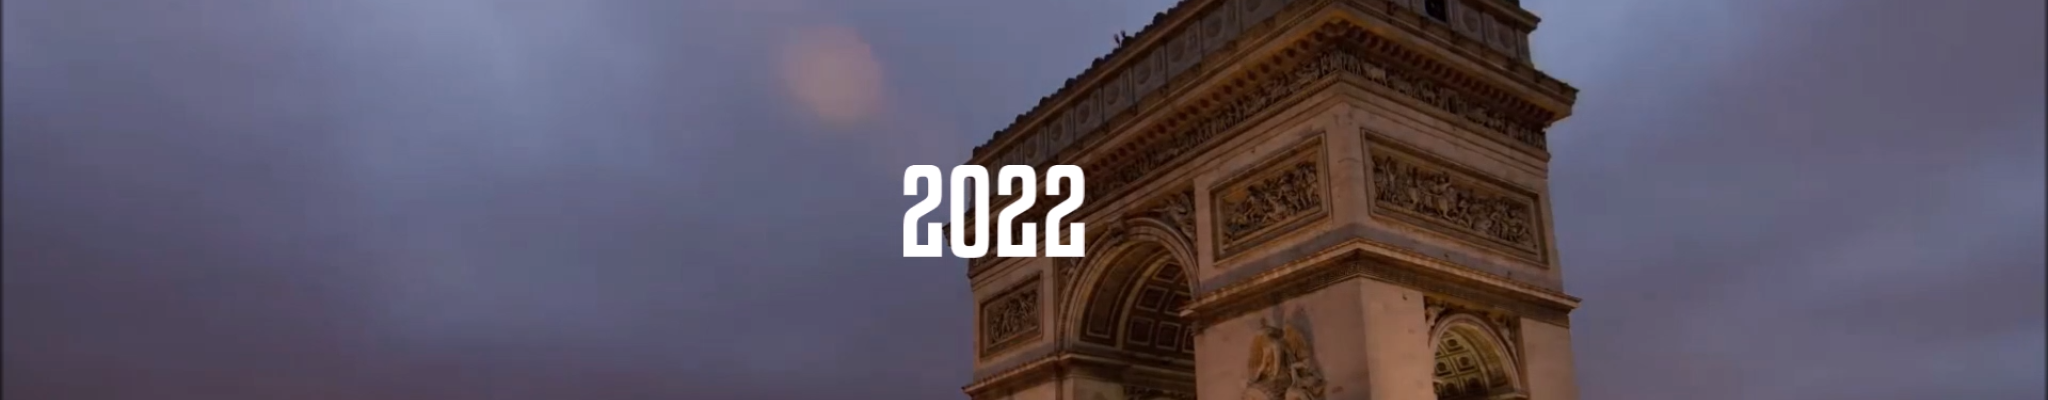 Arc de triomphe 2022